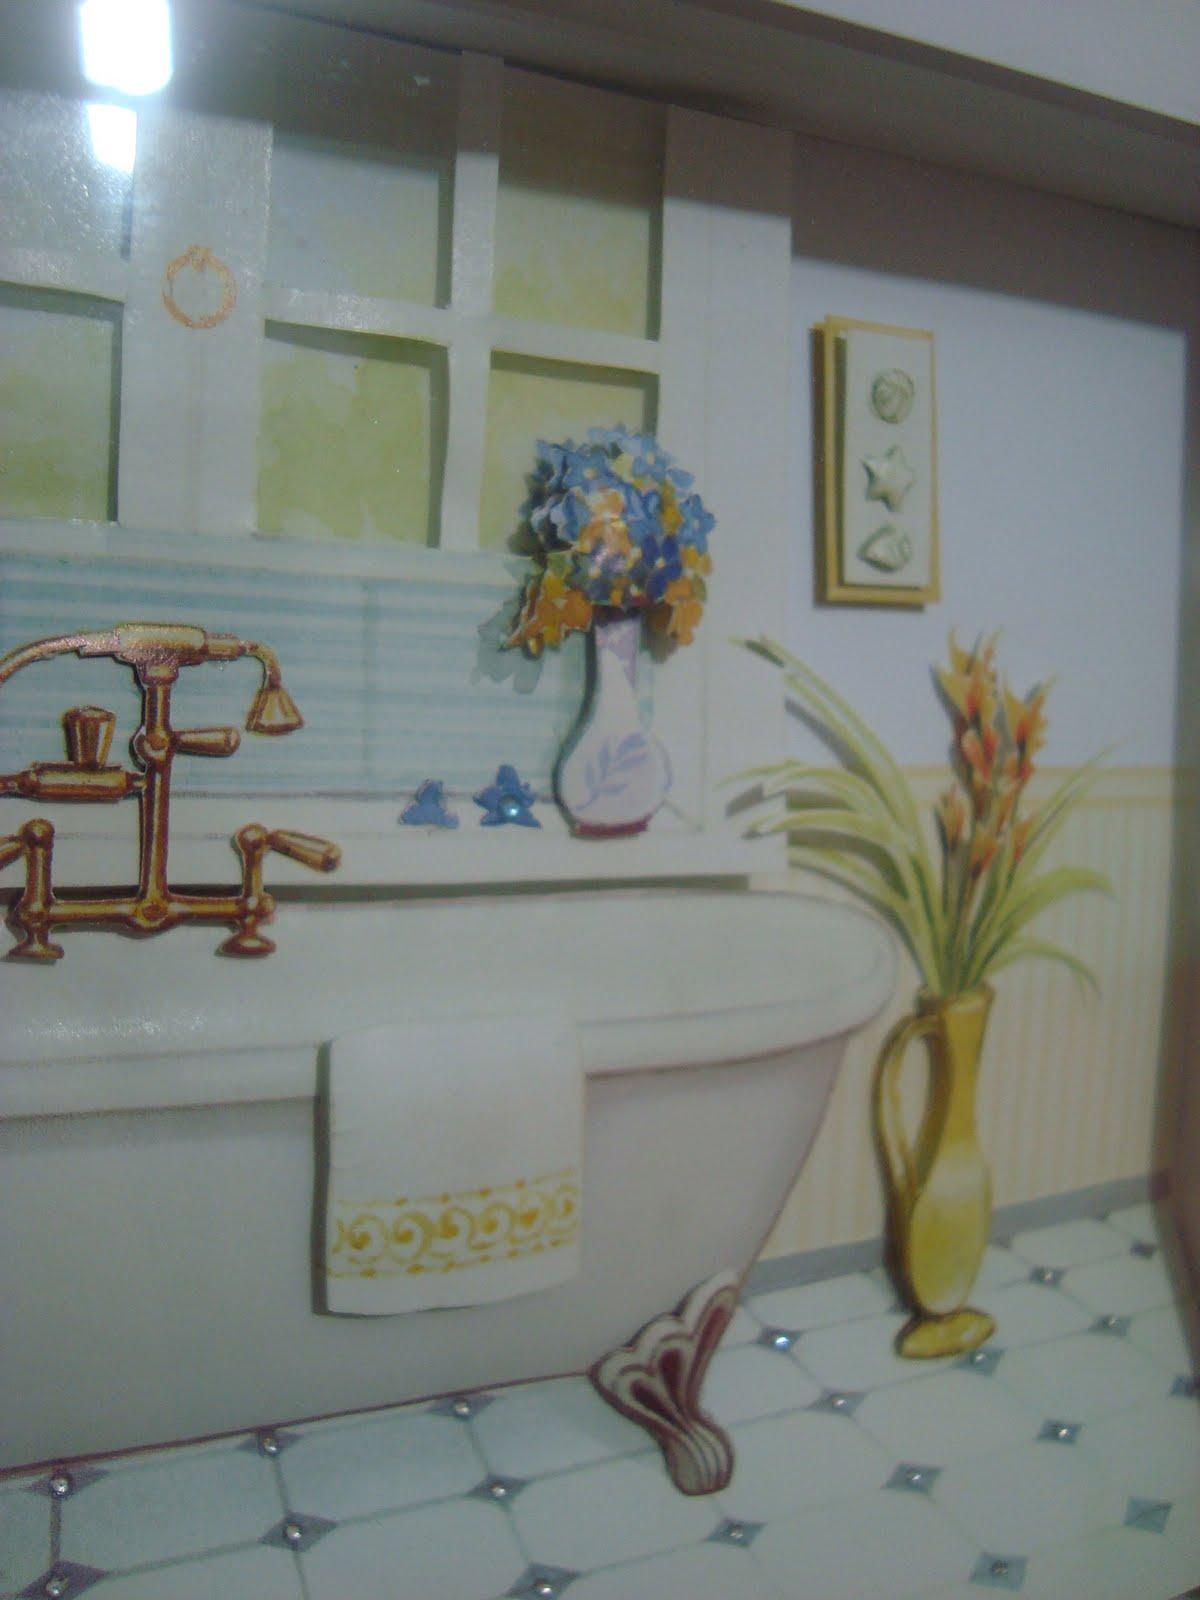 #2D779E PATYWORK: Quadro para Lavabo ou Banheiro em Arte Francesa 1418 Quanto Custa Uma Janela De Aluminio Para Quarto